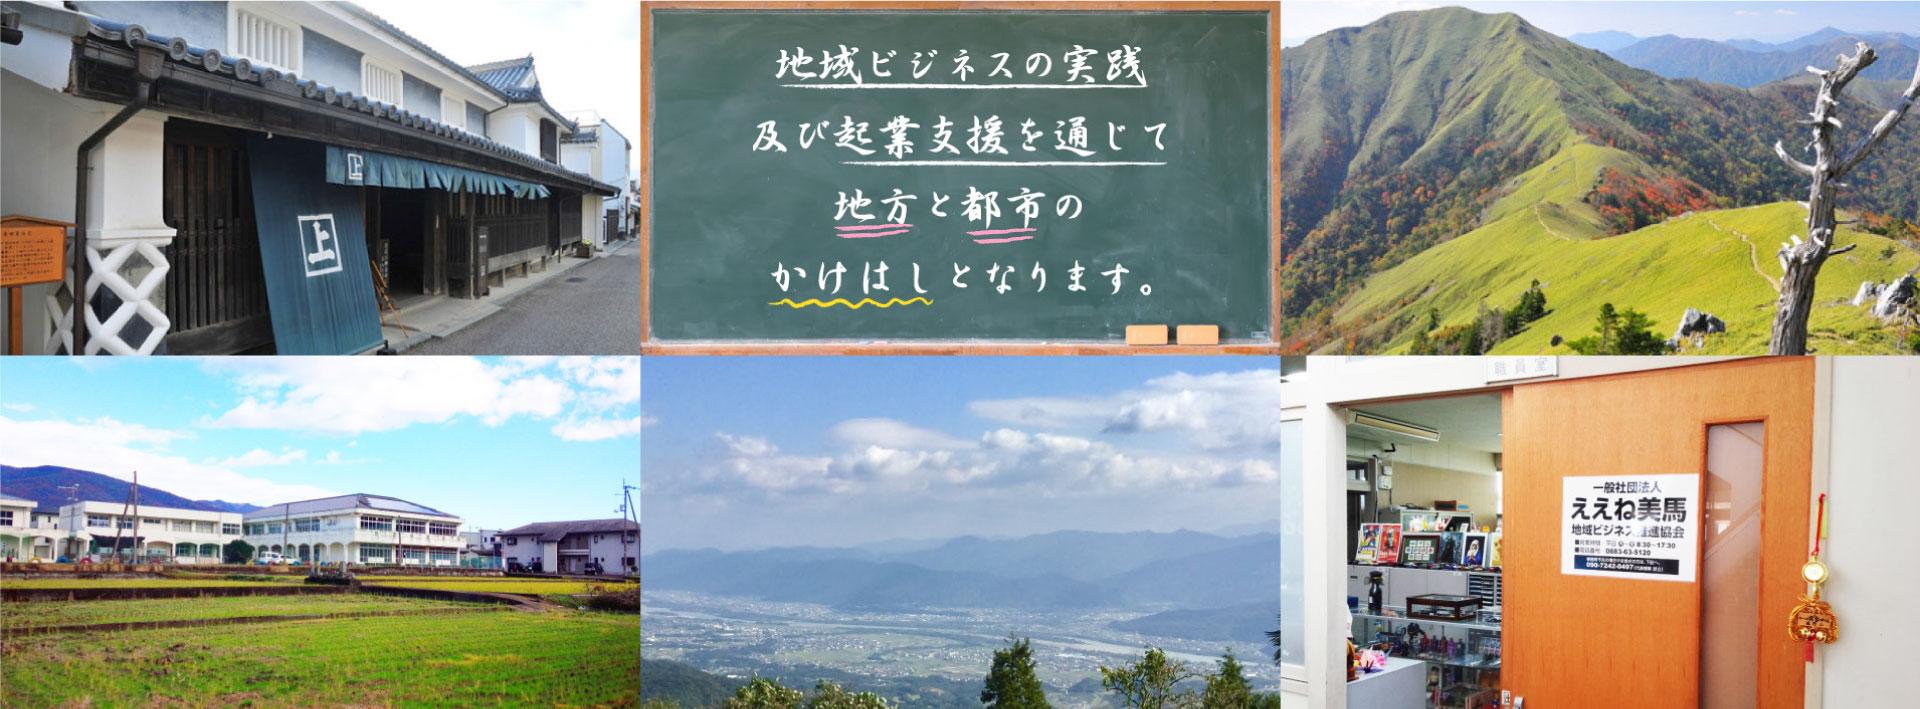 1月24日(木)「みまふぇす2019in東京」に食材を提供しました。